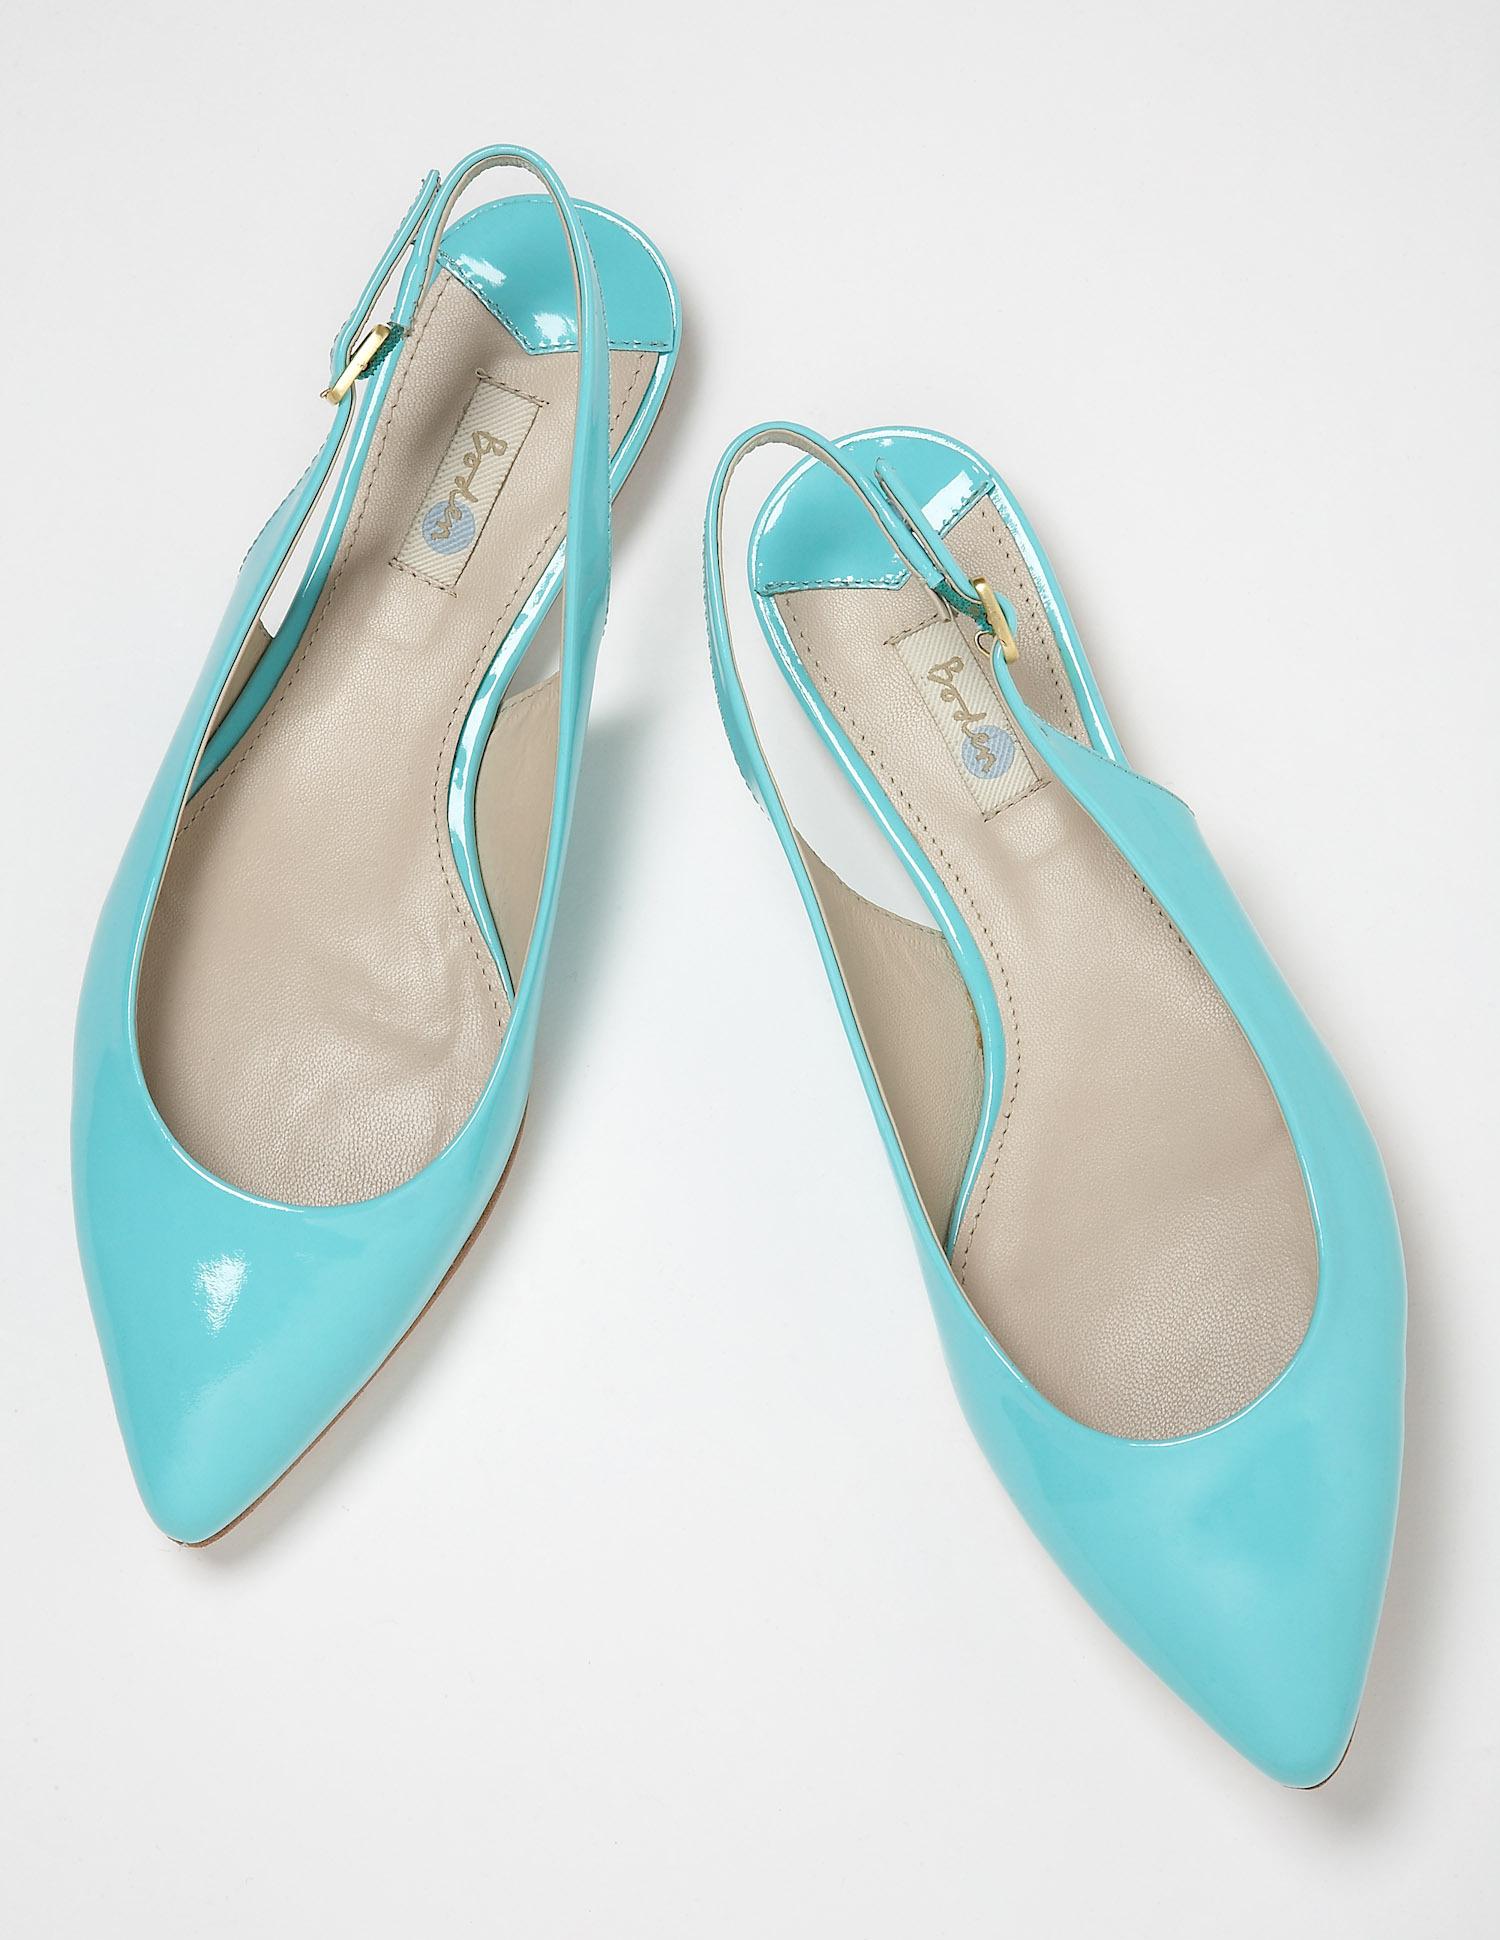 والاحذية Boden 2014 367989.jpg